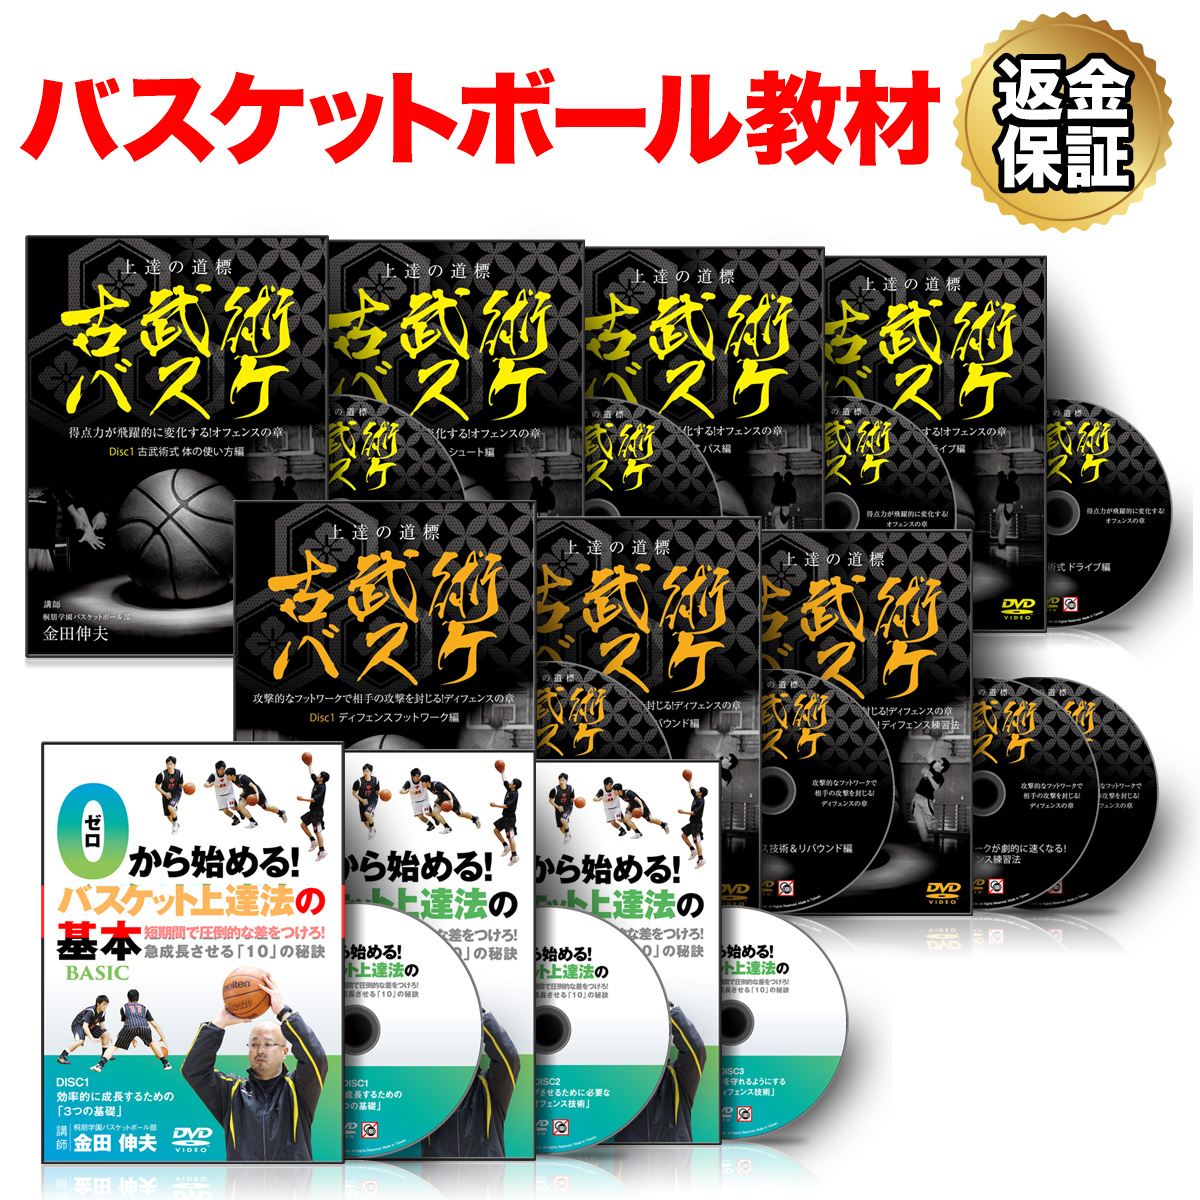 【バスケットボール】古武術バスケ コンプリートDVDセット